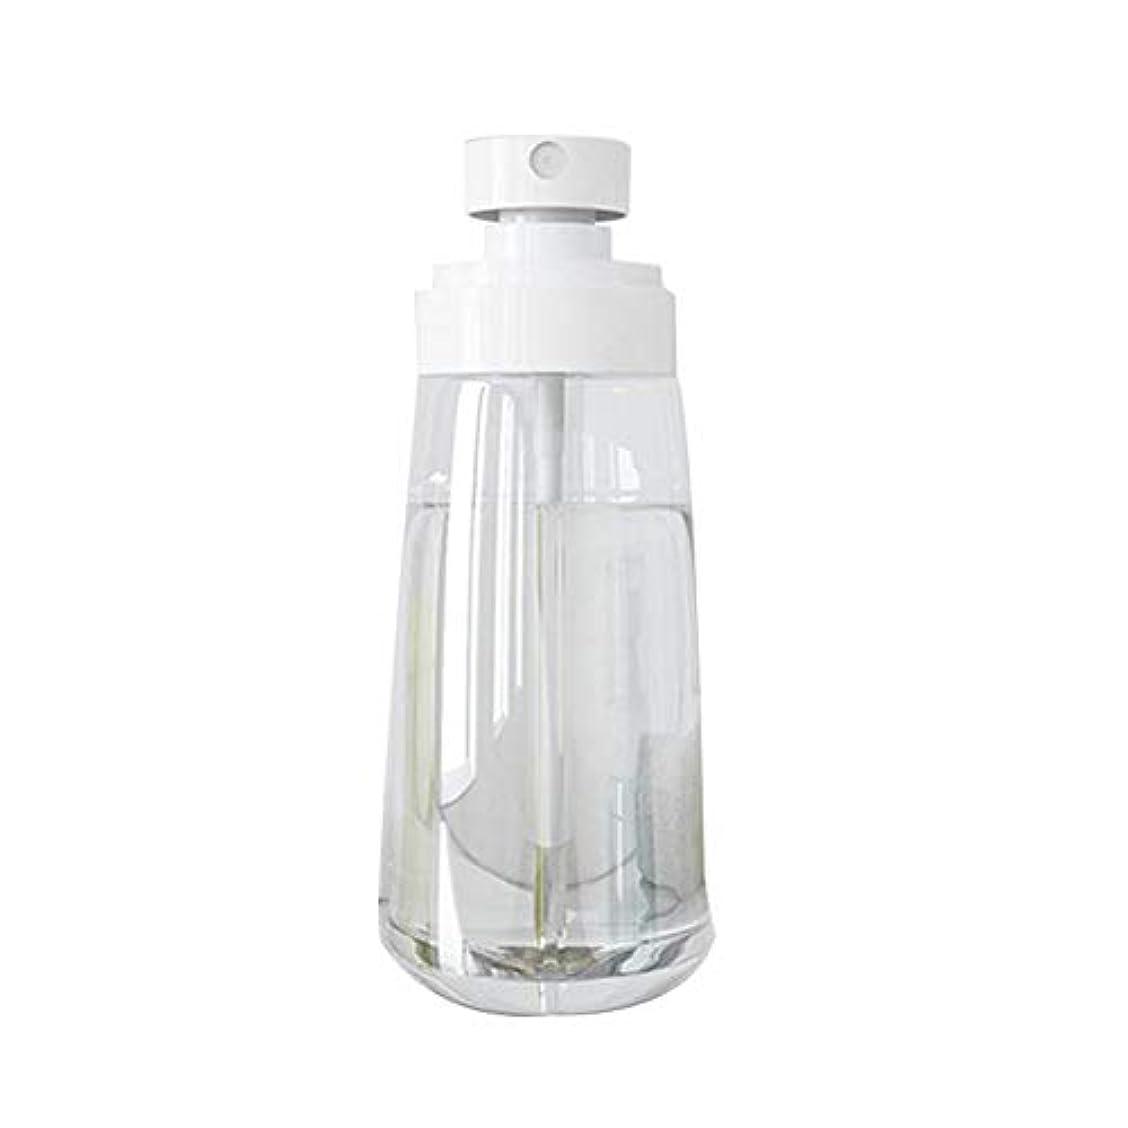 欠かせない夢中暗殺LUERME スプレーボルト 60ml PET製 化粧水の詰替用 極細のミストを噴霧する 旅行用の霧吹き 小分けの容器 アルコール消毒用 アトマイザー